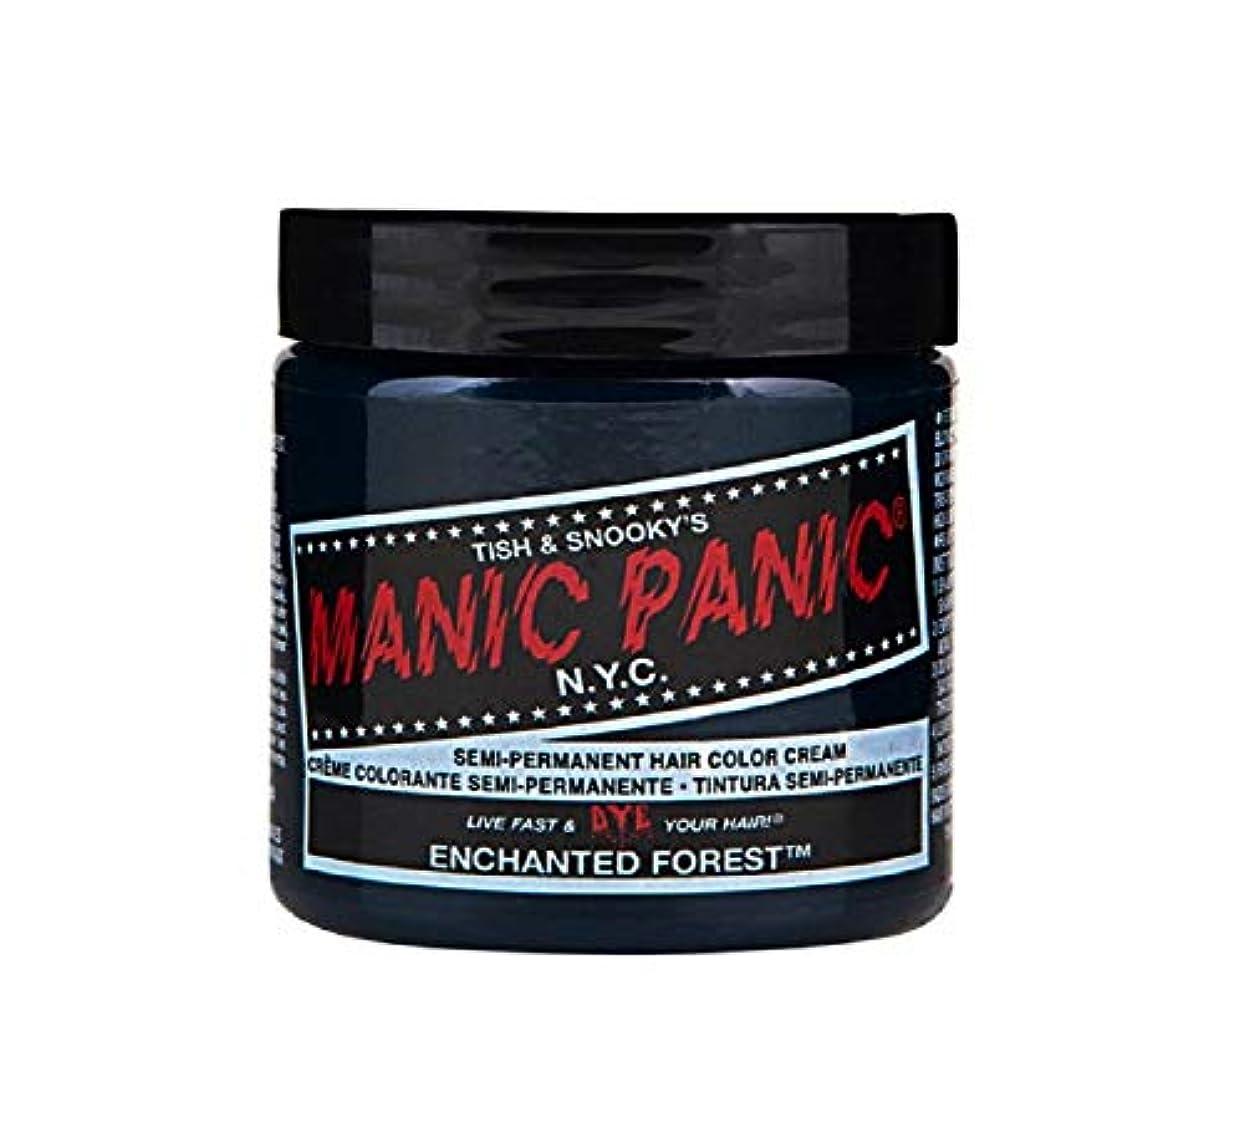 定期的な目的間違いなくマニックパニック MANIC PANIC ヘアカラー 118mlエンチャンティッドフォレスト ヘアーカラー